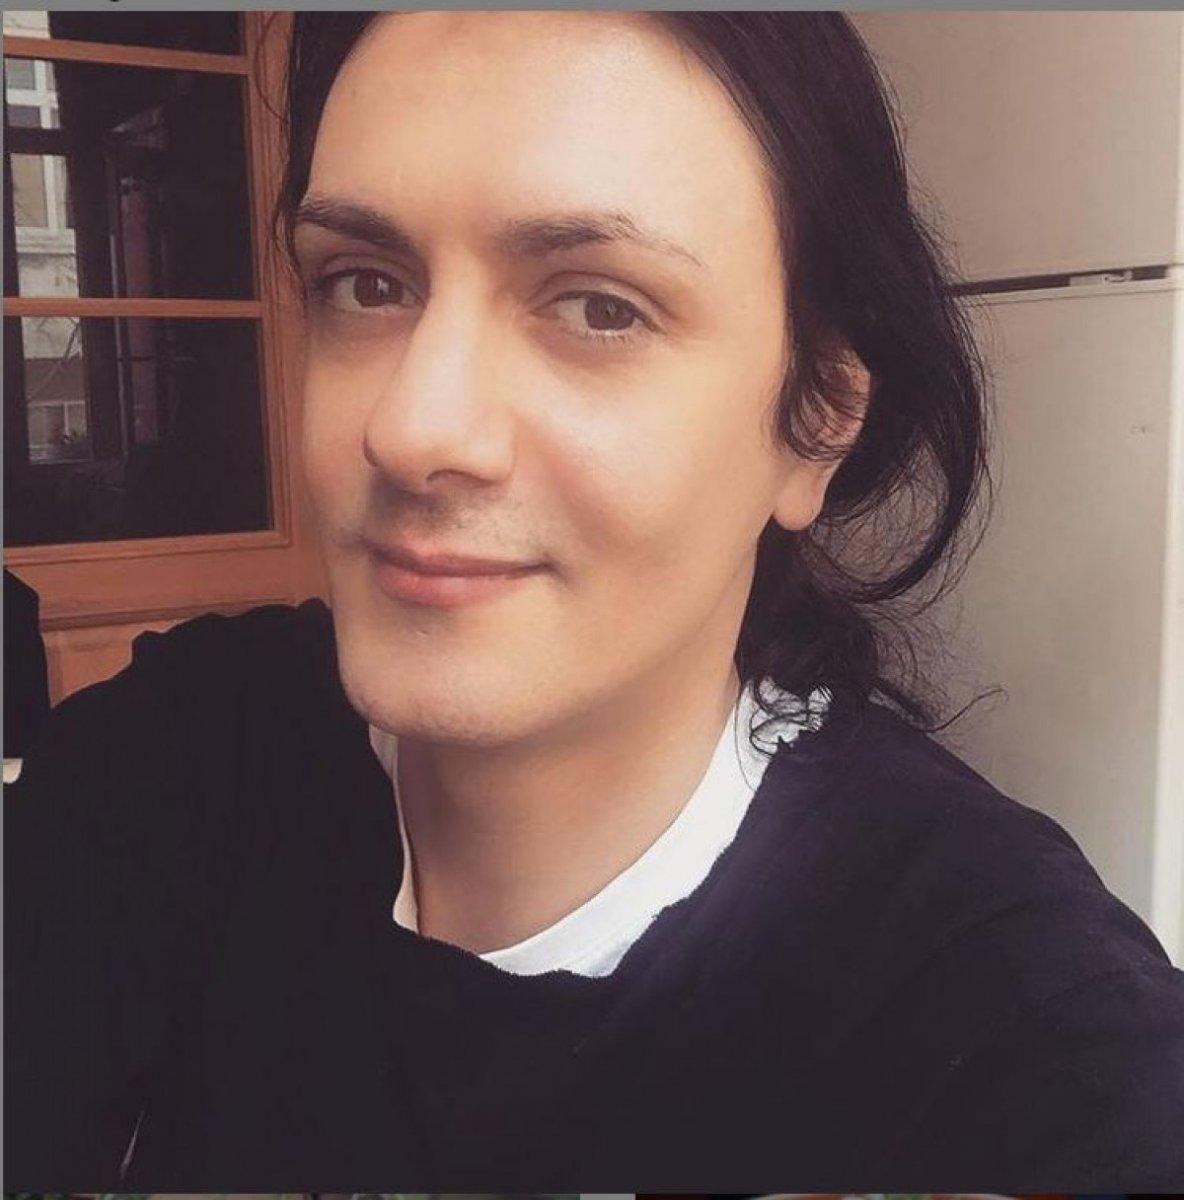 Fatih te trans bireyi öldüren şüpheli teslim oldu #4